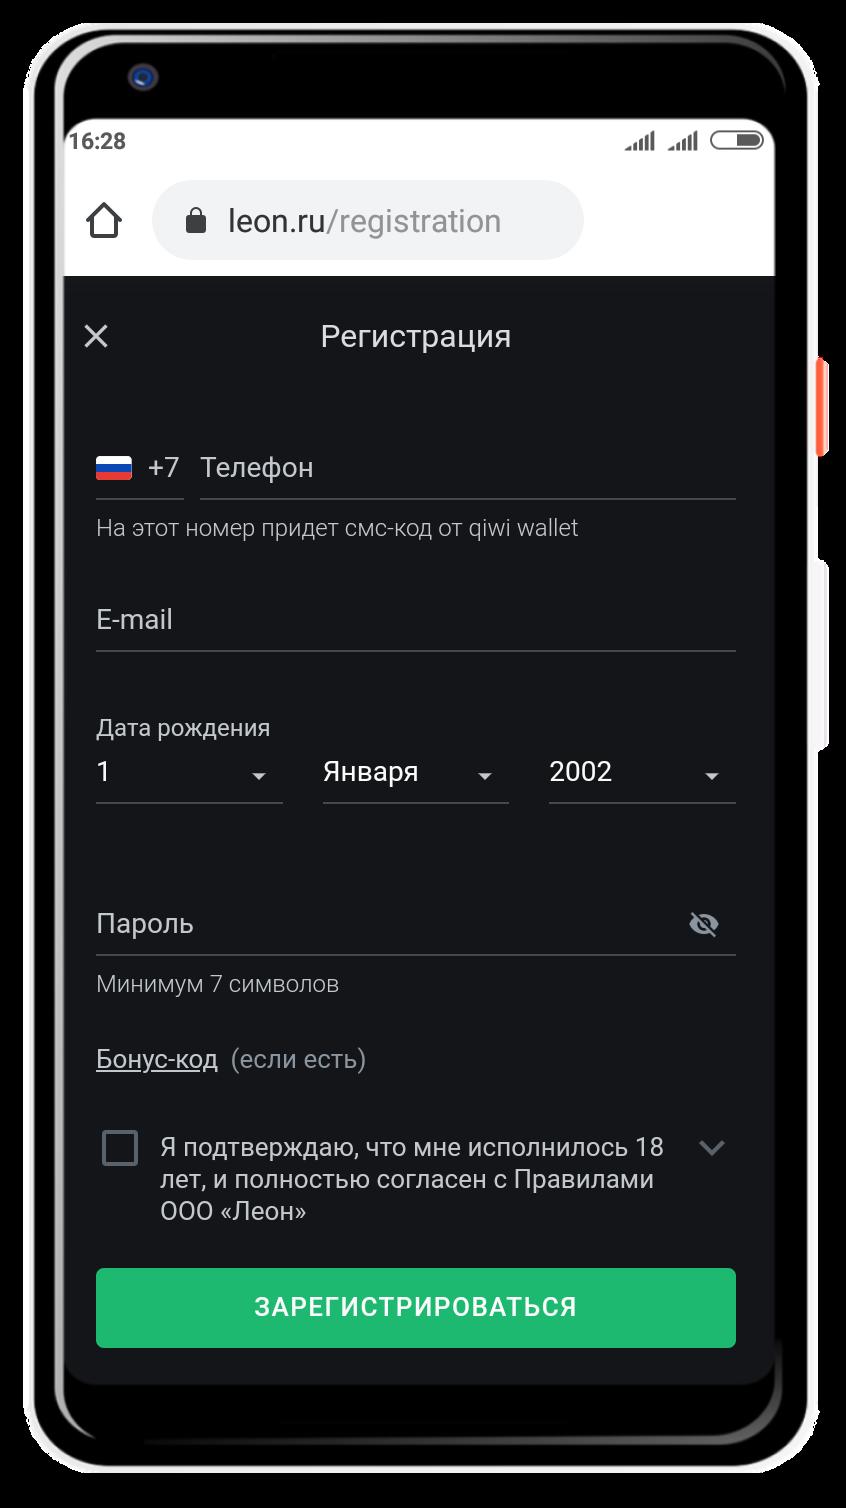 Регистрация в БК Леон ру с телефона